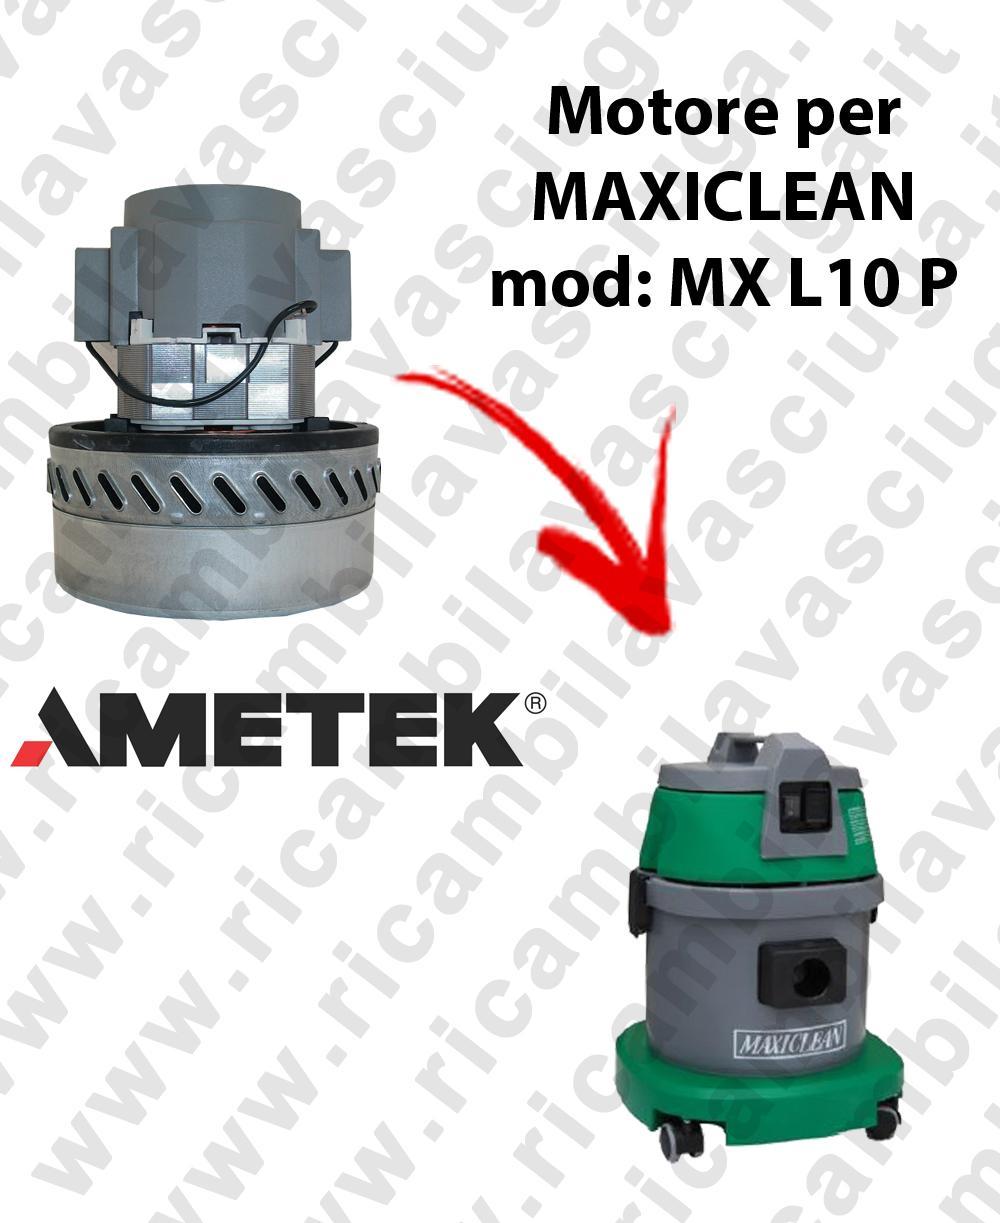 MX L 10 P MOTEUR AMETEK aspiration pour aspirateur et aspirateur à eau MAXICLEAN